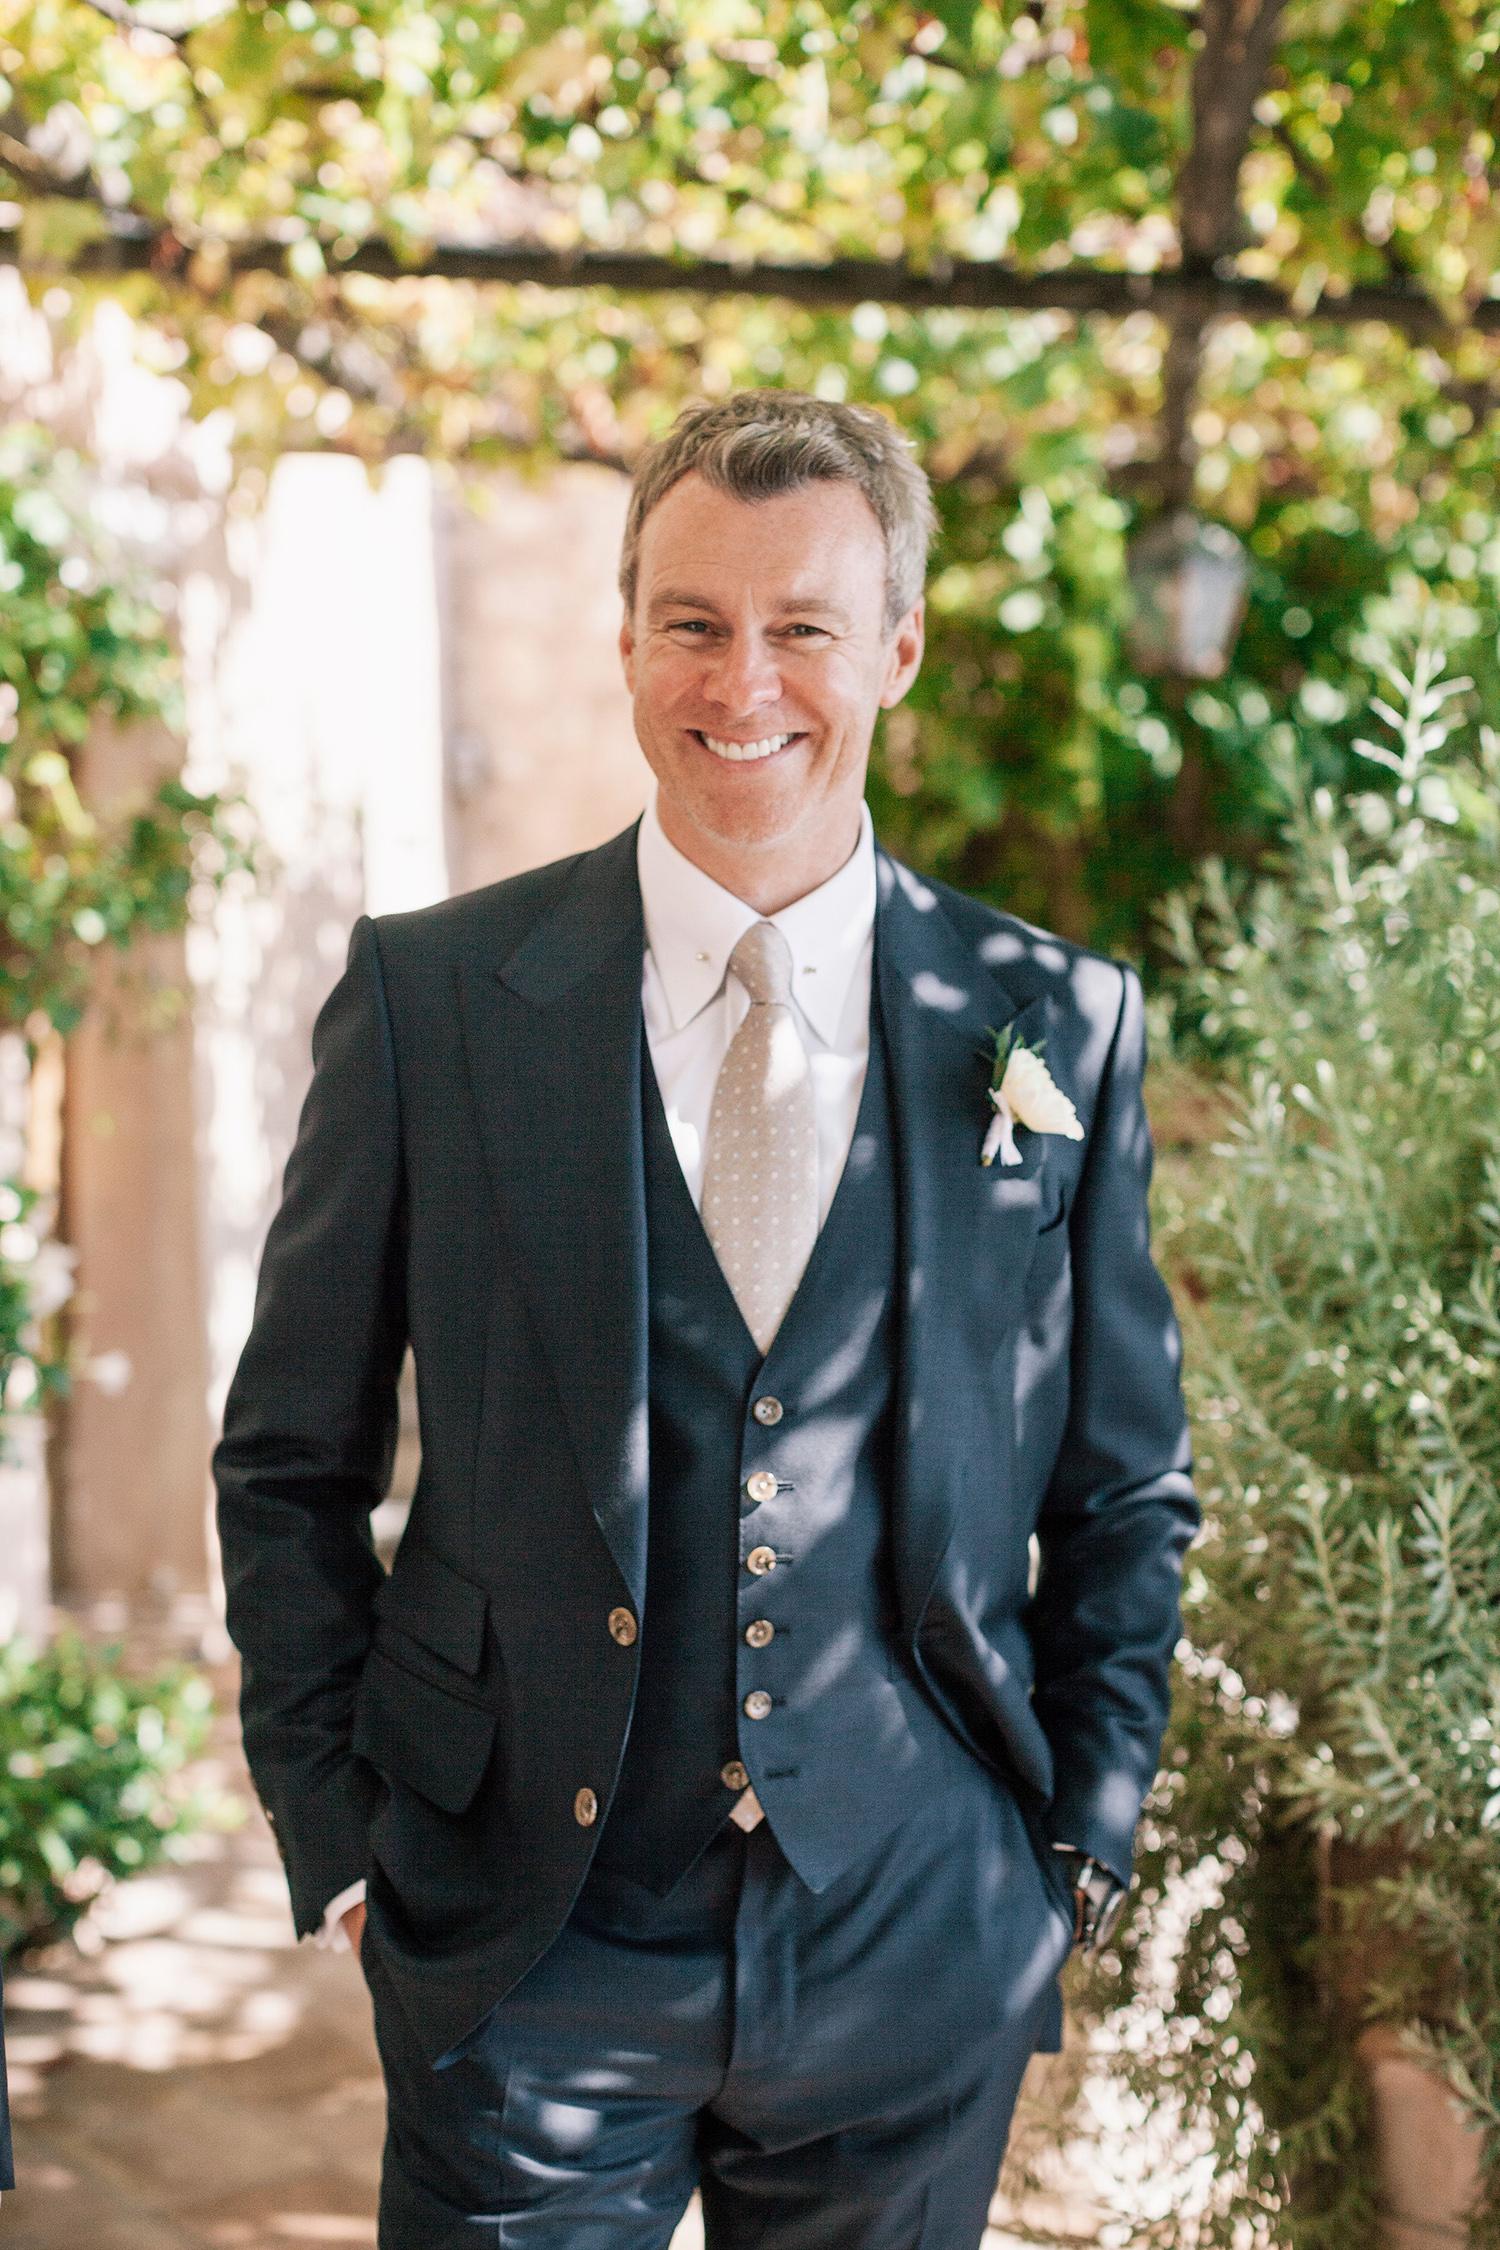 cara david wedding groom